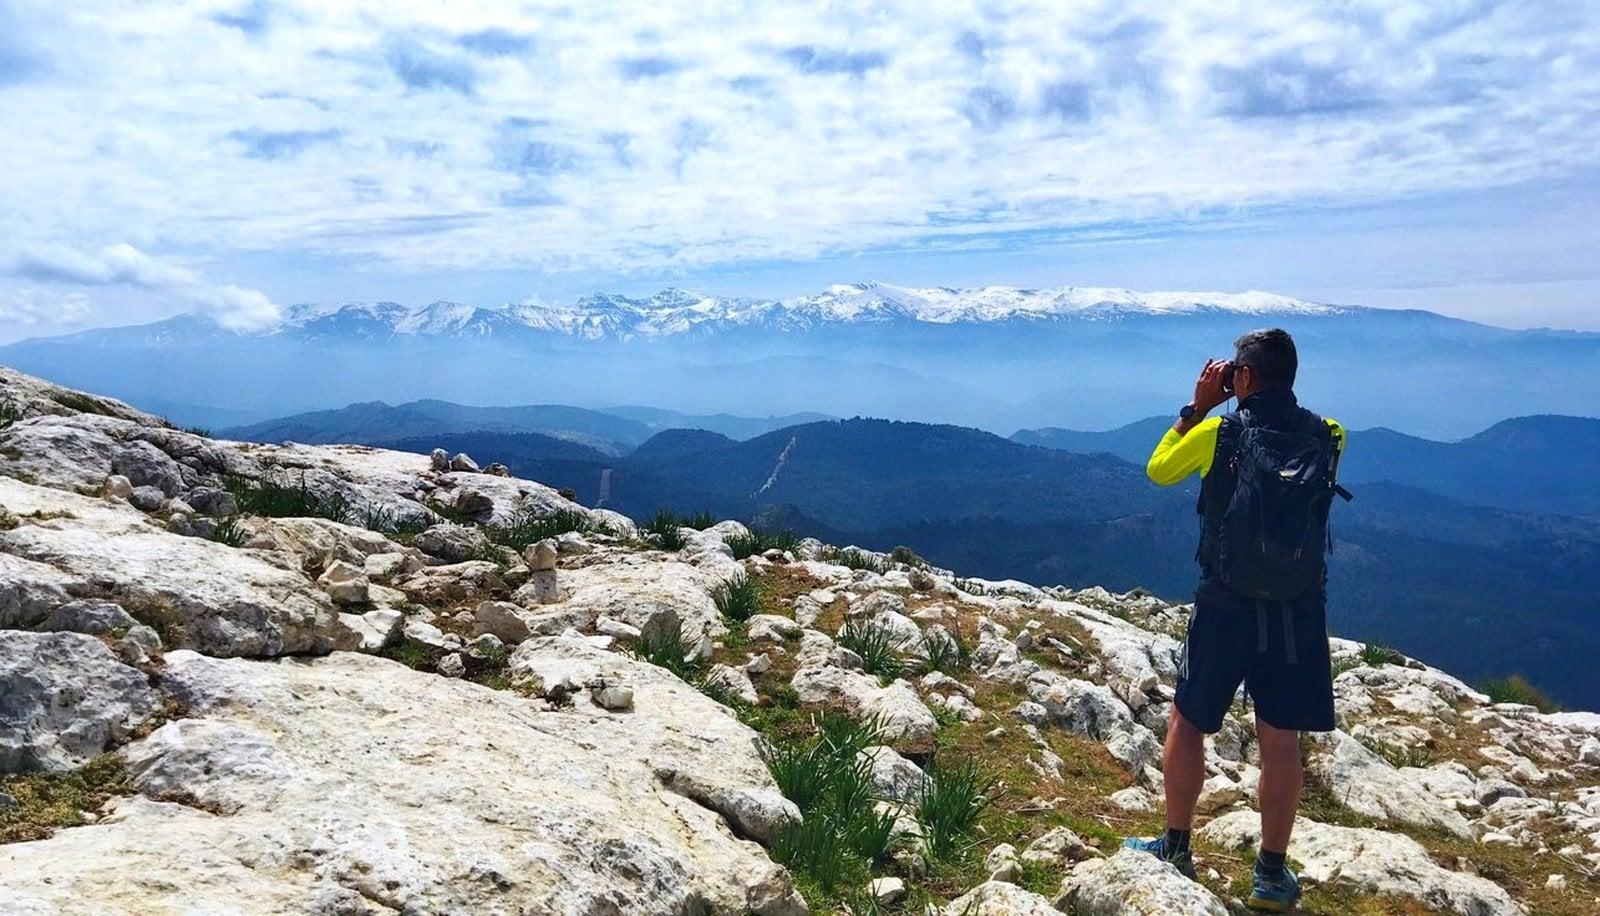 Views south to the Sierra Nevada